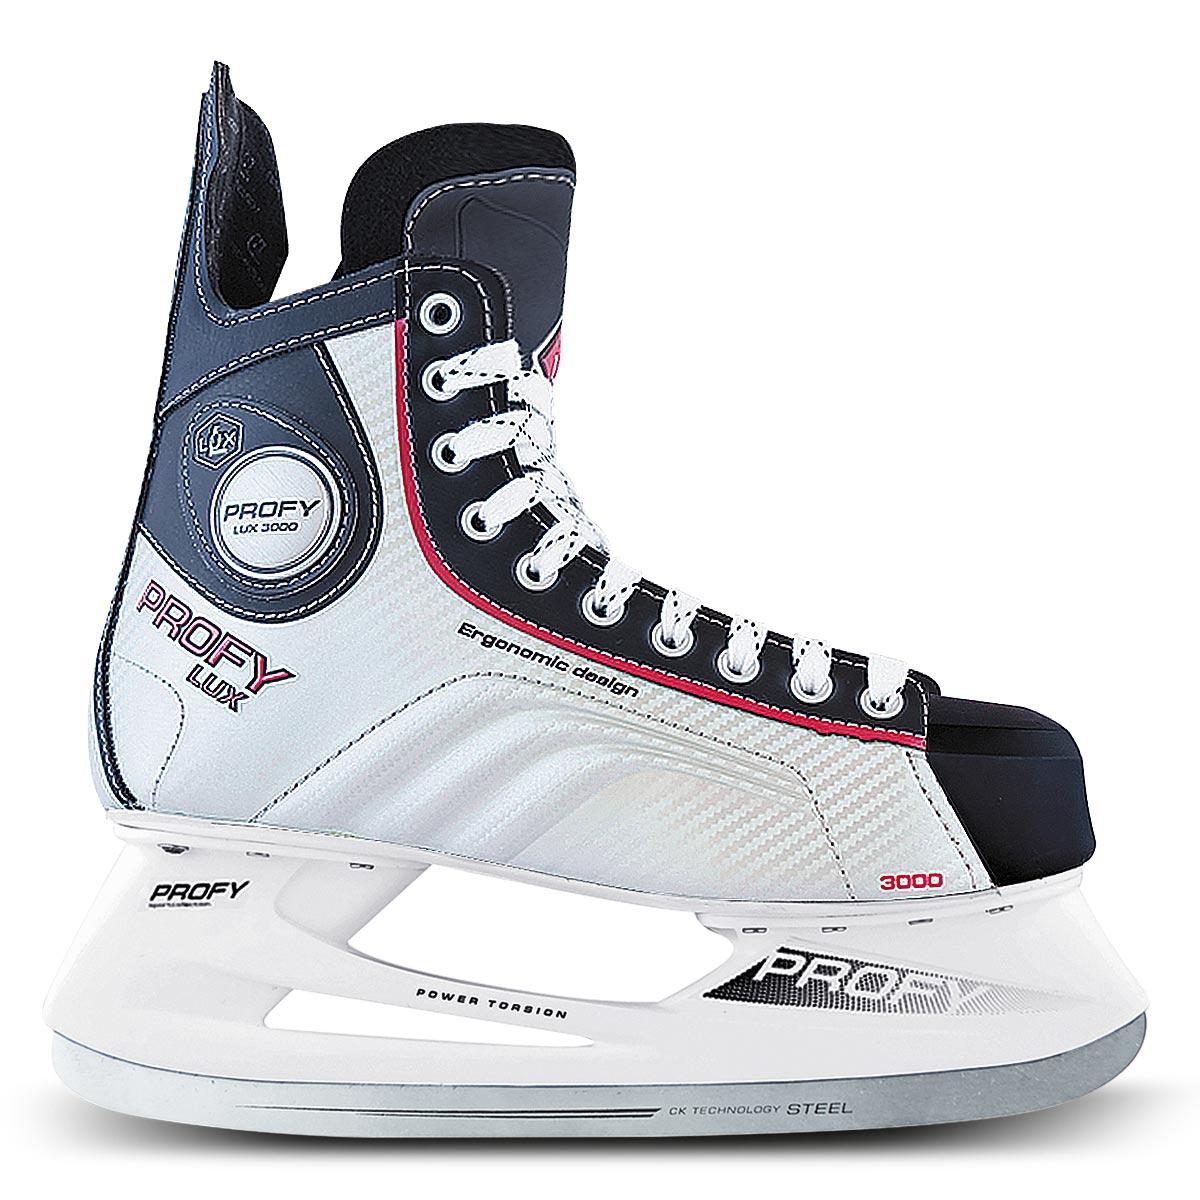 Коньки хоккейные для мальчика СК Profy Lux 3000, цвет: черный, серебряный, красный. Размер 36PROFY LUX 3000 Red_черный, серебряный_36Коньки хоккейные мужские СК Profy Lux 3000 прекрасно подойдут для профессиональных игроков в хоккей. Ботинок выполнен из морозоустойчивой искусственной кожи и специального резистентного ПВХ, а язычок - из двухслойного войлока и искусственной кожи. Слоевая композитная технология позволила изготовить ботинок, полностью обволакивающий ногу. Это обеспечивает прочную и удобную фиксацию ноги, повышает защиту от ударов. Ботинок изготовлен с учетом антропометрии стоп россиян, что обеспечивает комфорт и устойчивость ноги, правильное распределение нагрузки, сильно снижает травмоопасность. Конструкция носка ботинка, изготовленного из ударопрочного энергопоглощающего термопластичного полиуретана Hytrel® (DuPont), обеспечивает увеличенную надежность защиты передней части ступни от ударов. Усиленные боковины ботинка из формованного PVC укрепляют боковую часть ботинка и дополнительно защищают ступню от ударов за счет поглощения энергии. Тип застежки ботинок – классическая шнуровка. Стелька из упругого пенного полимерного материала EVA гарантирует комфортное положение ноги в ботинке, обеспечивает быструю адаптацию ботинка к индивидуальным формам ноги, не теряет упругости при изменении температуры и не разрушается от воздействия пота и влаги. Легкая прочная низкопрофильная полимерная подошва инжекционного формования практически без потерь передает энергию от толчка ноги к лезвию – быстрее набор скорости, резче повороты и остановки, острее чувство льда. Лезвие из нержавеющей стали 420J обеспечит превосходное скольжение.